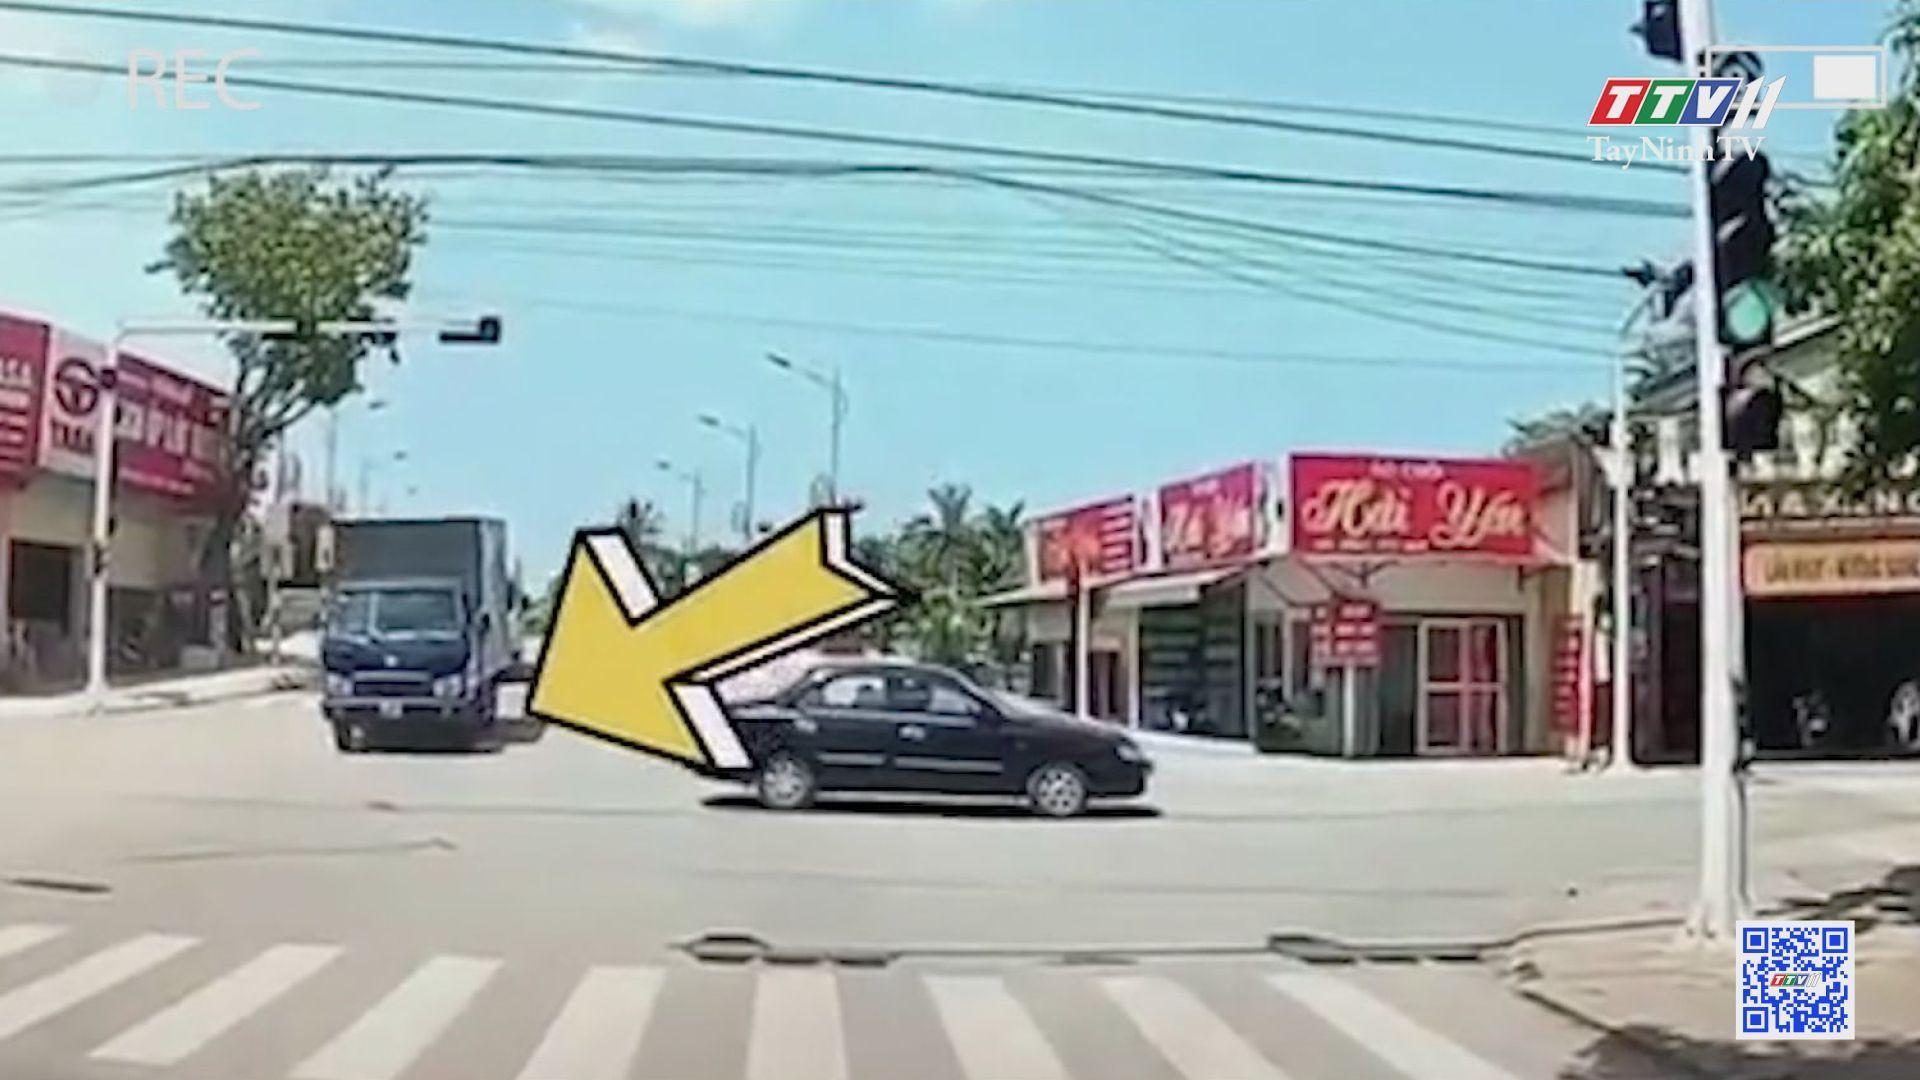 TayNinhTV | VĂN HÓA GIAO THÔNG | Tài xế thản nhiên lùi xe giữa ngã tư, suýt gây va chạm